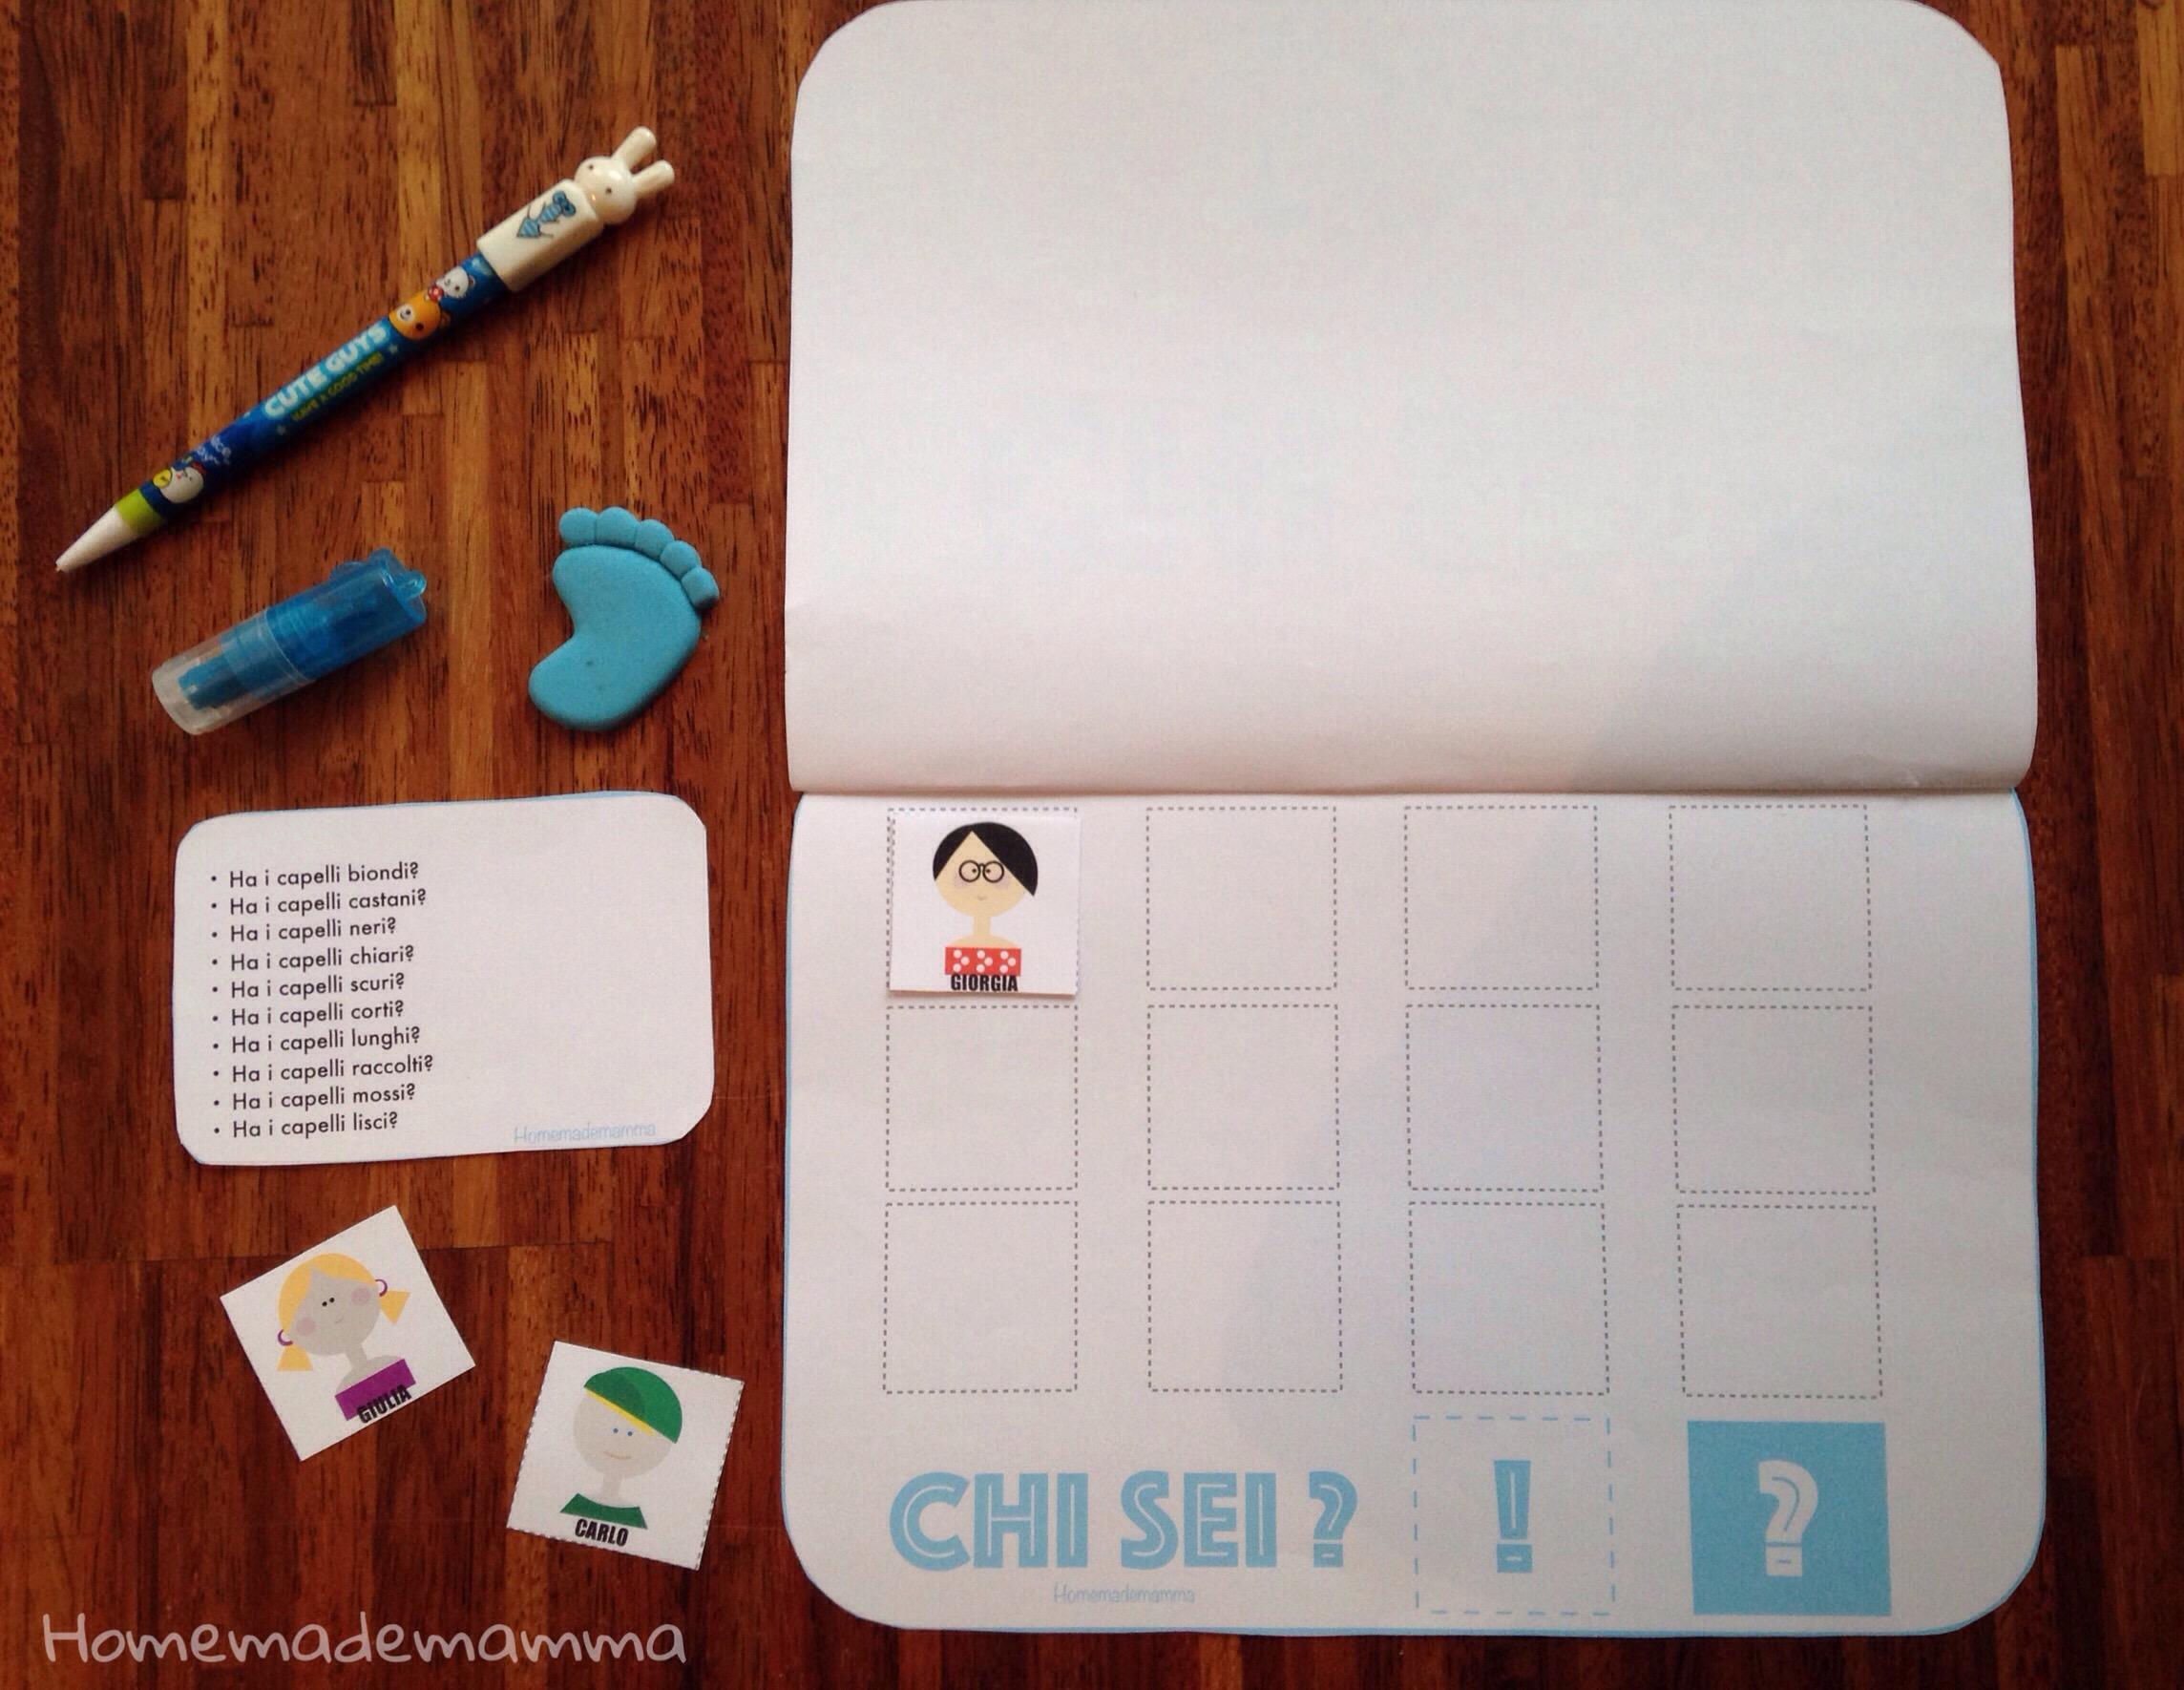 gioco chi sei stimolare concentrazione e logica bambini homemademamma